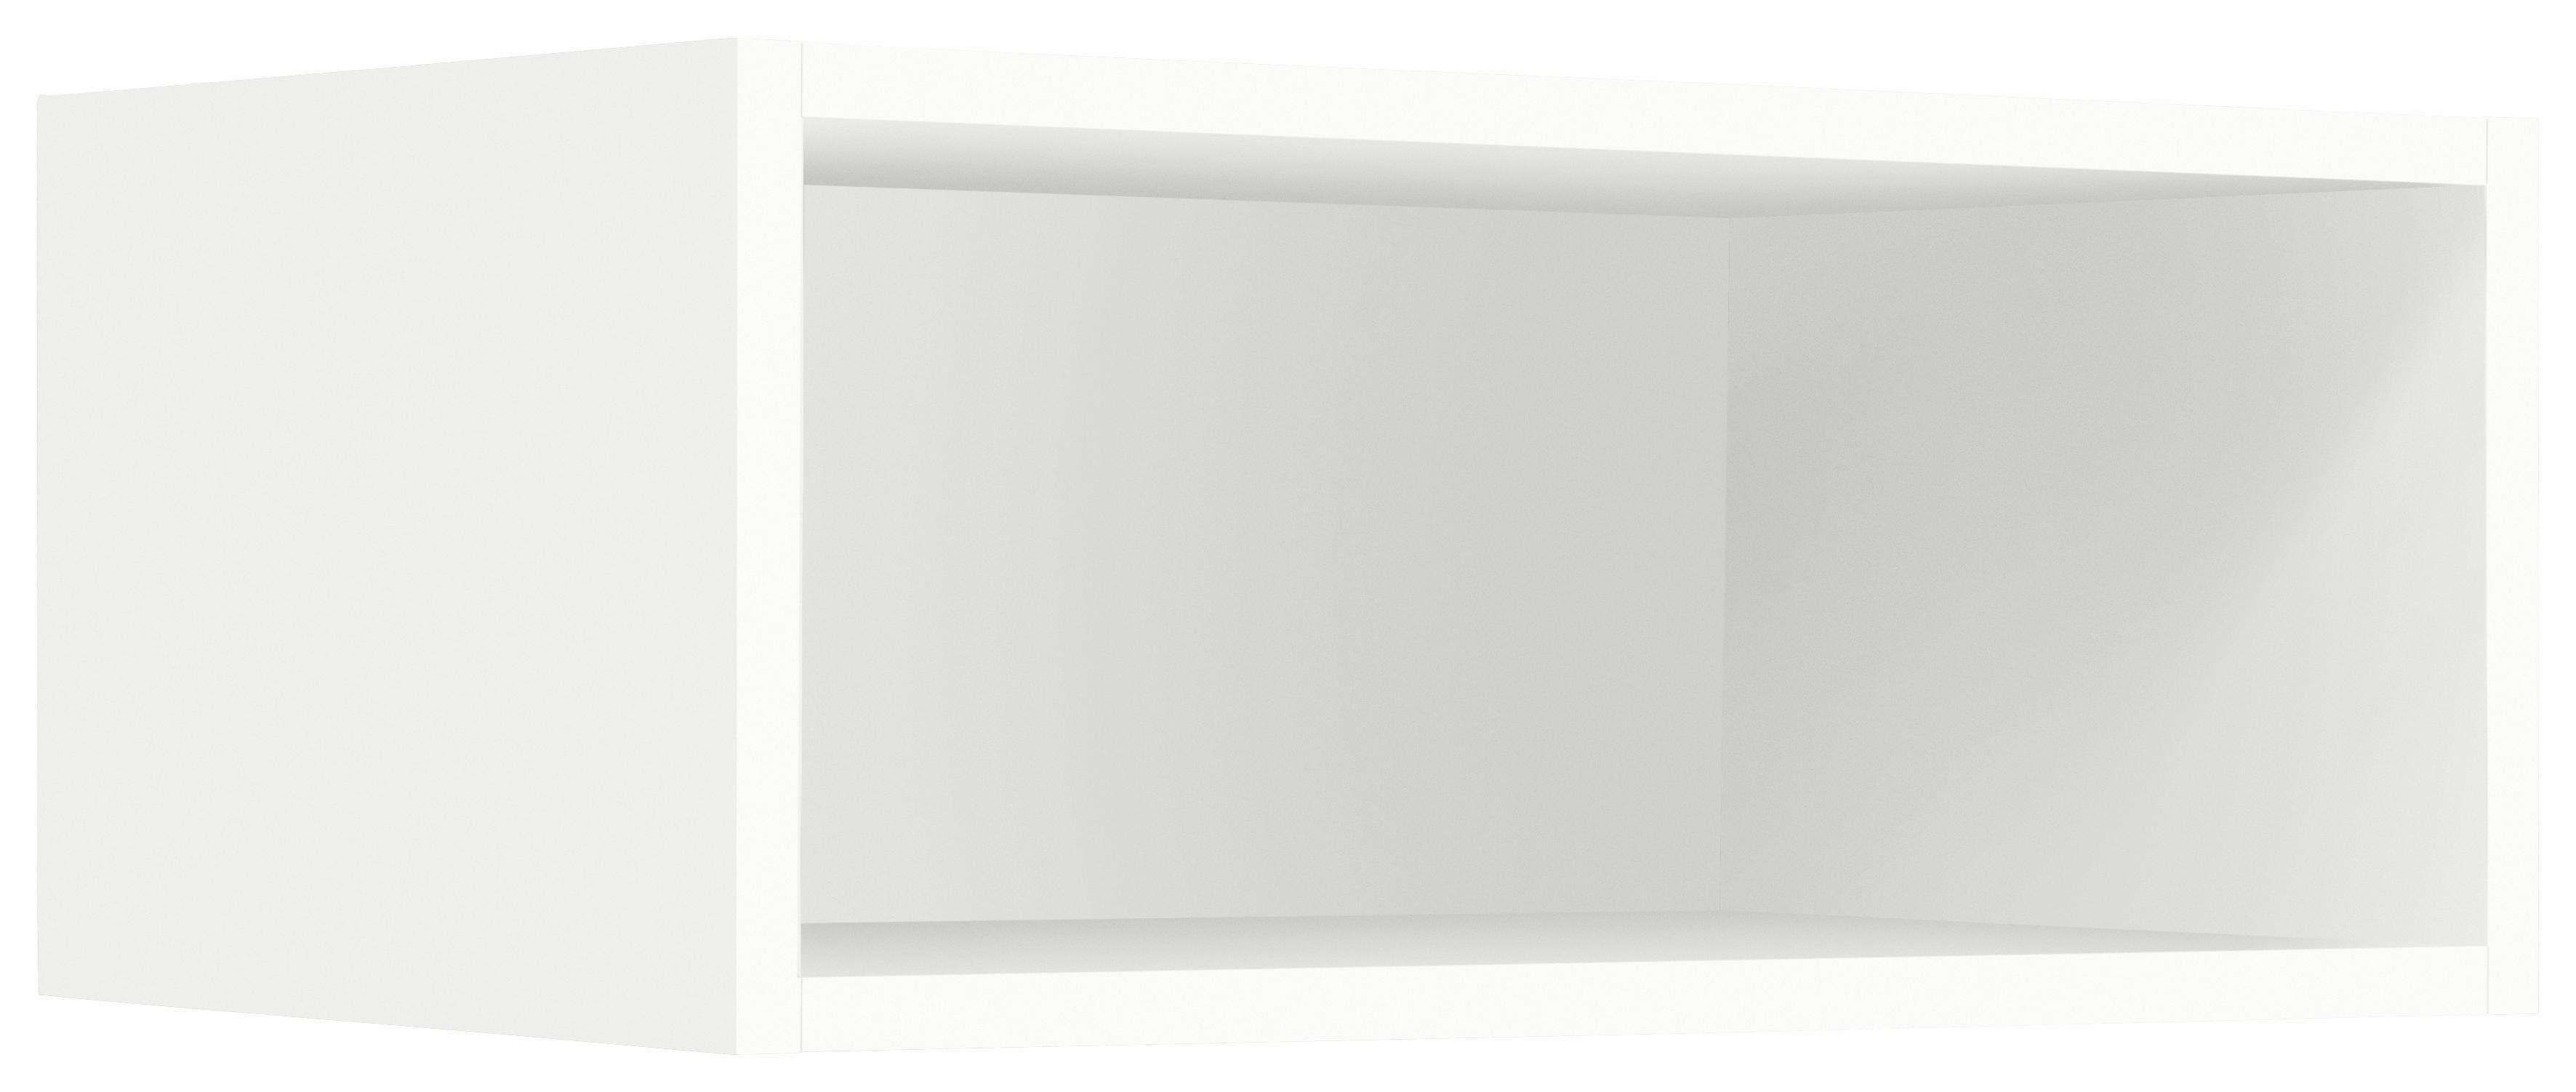 wiho Küchen Hängeregal Flexi2, Breite 50 cm weiß Hängeregale Wandregale Wandboards Regale